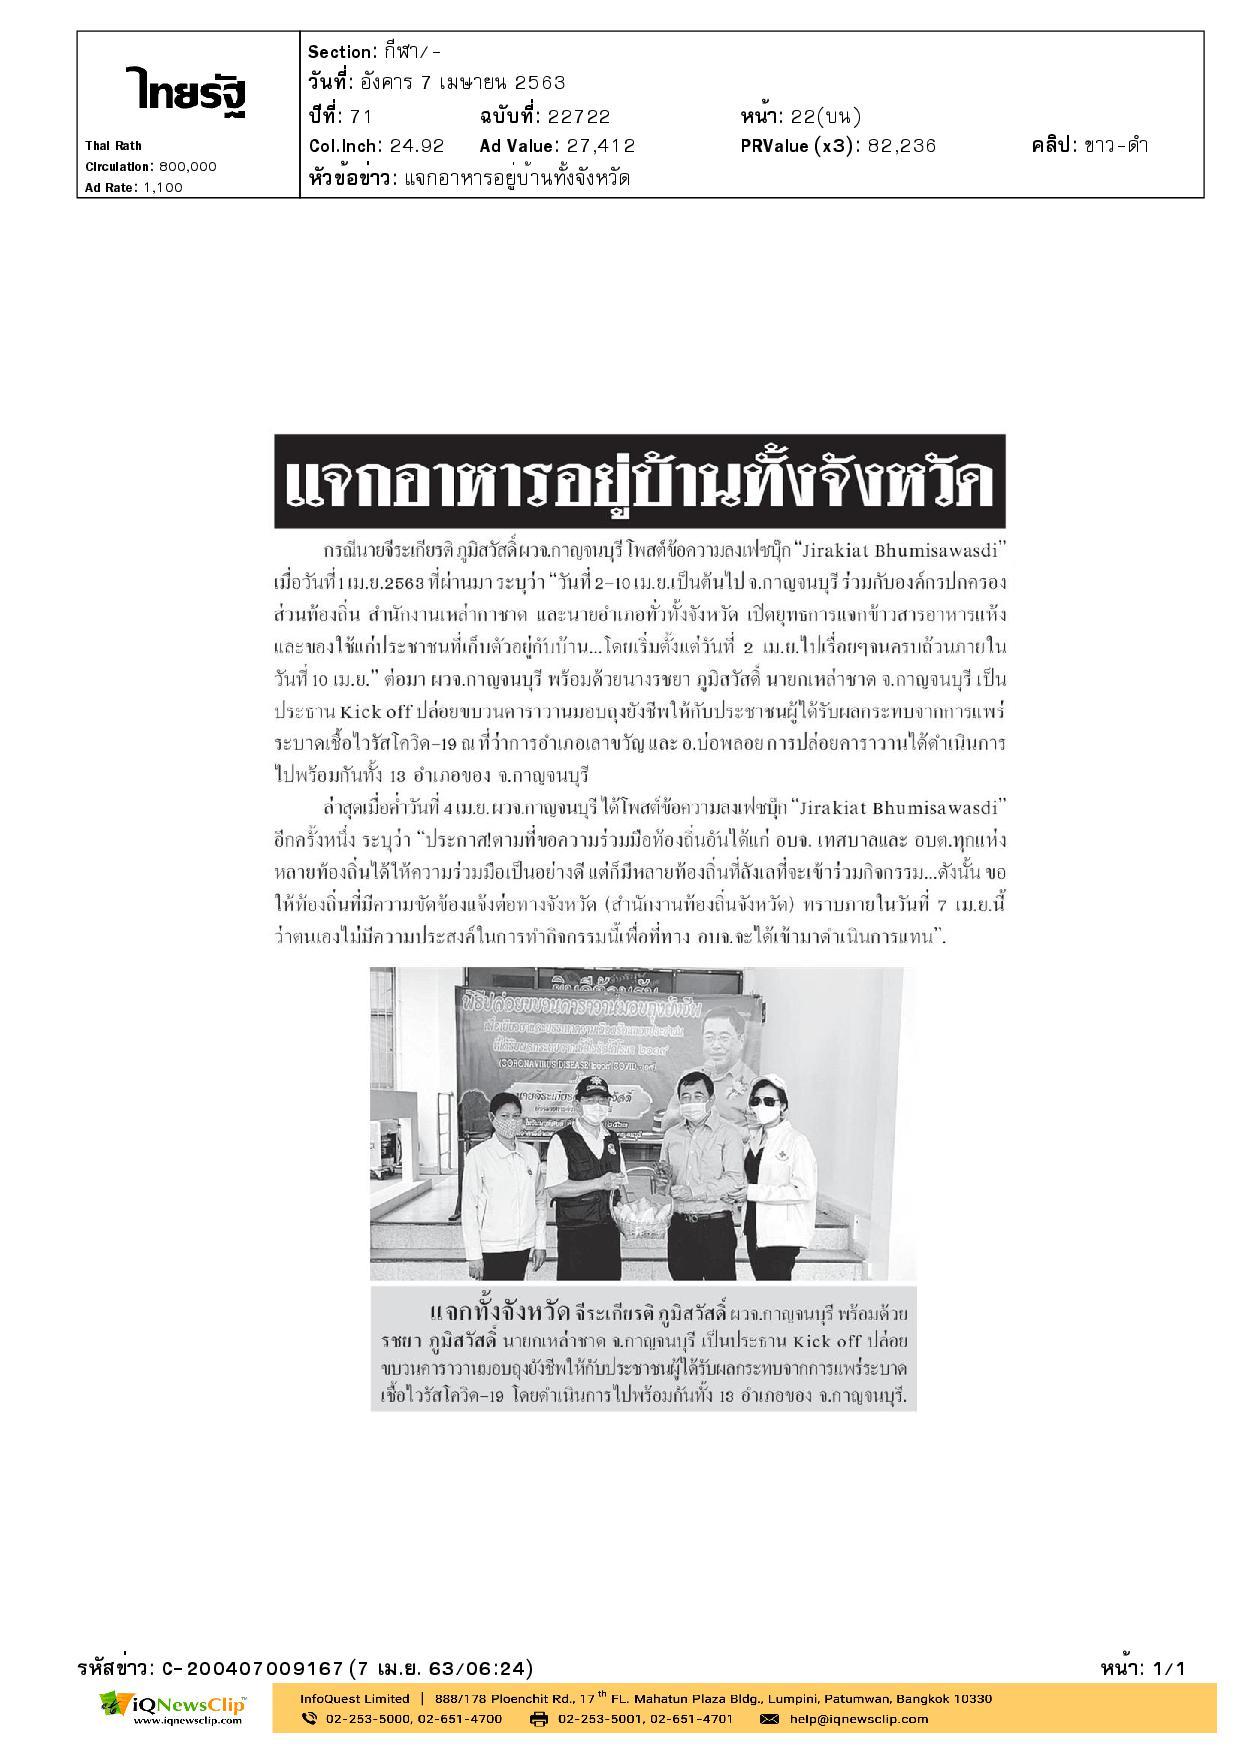 นายกเหล่ากาชาด จ.กาญจนบุรี แจกเครื่องอุปโภค บริโภคและข้าวกล่อง